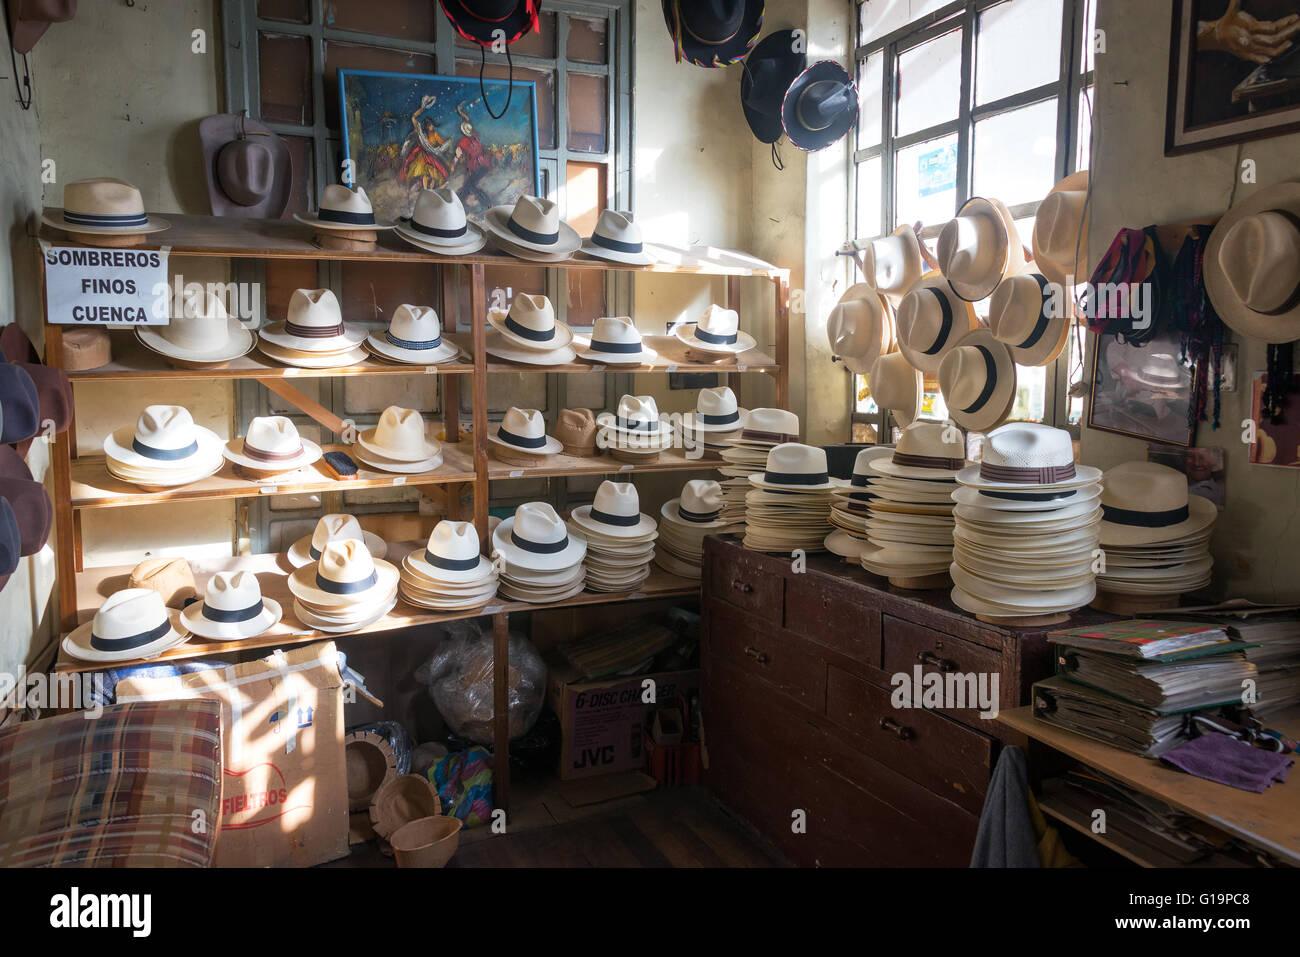 Shop selling Panama hats in Cuenca, Ecuador - Stock Image